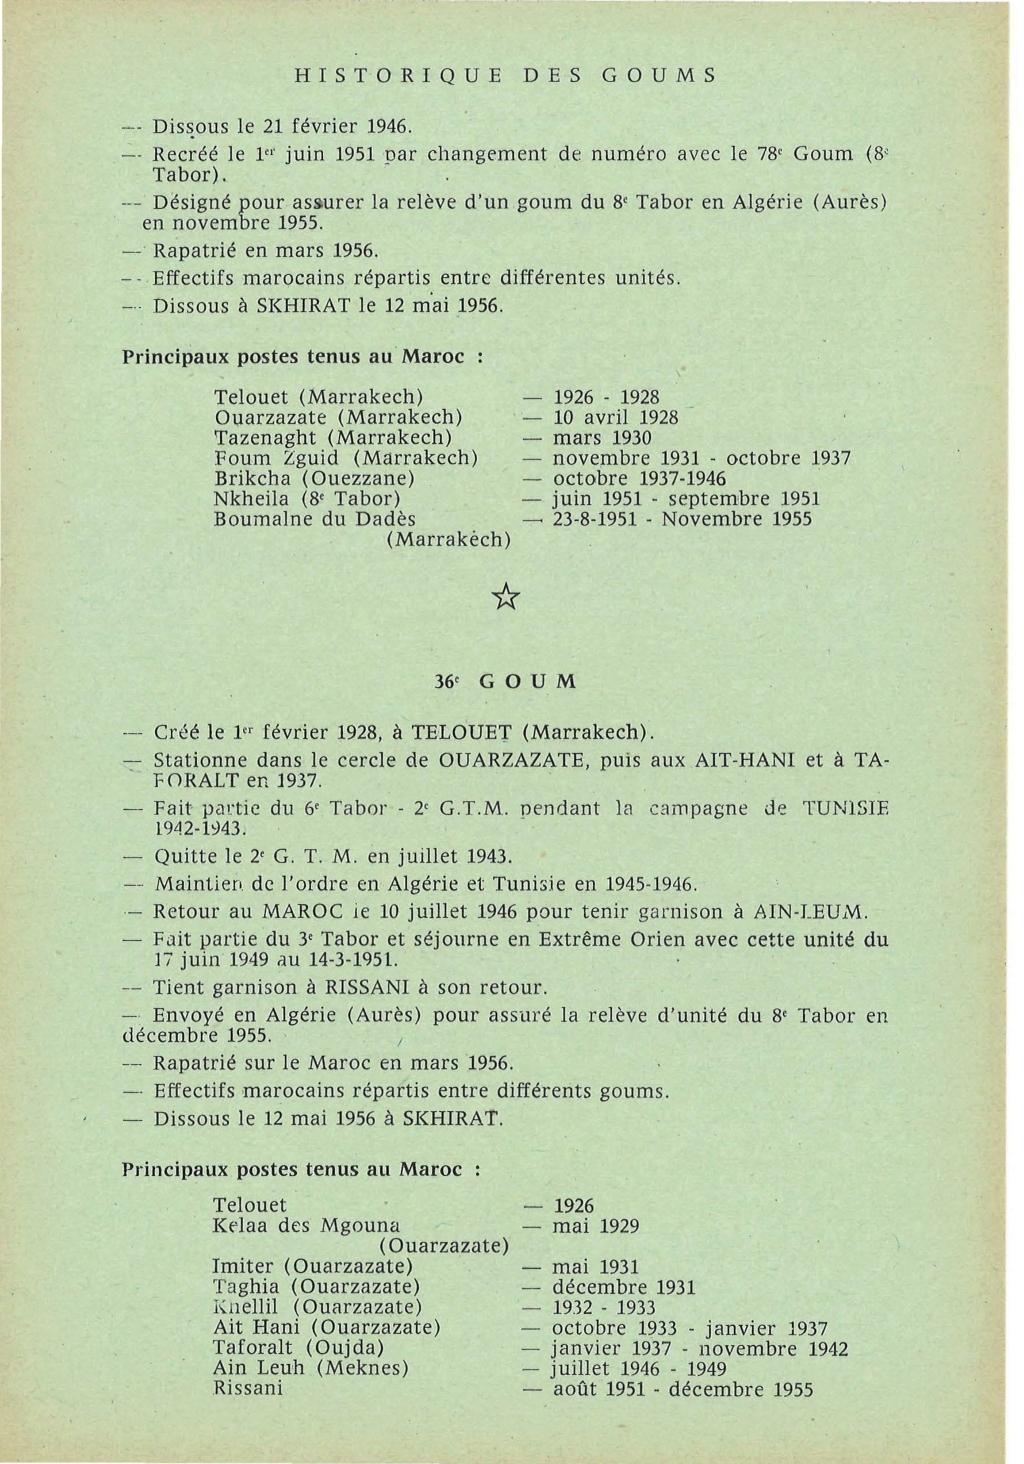 12 mai 1956 - Dissolution des Goumiers & integration aux FAR La_kou25